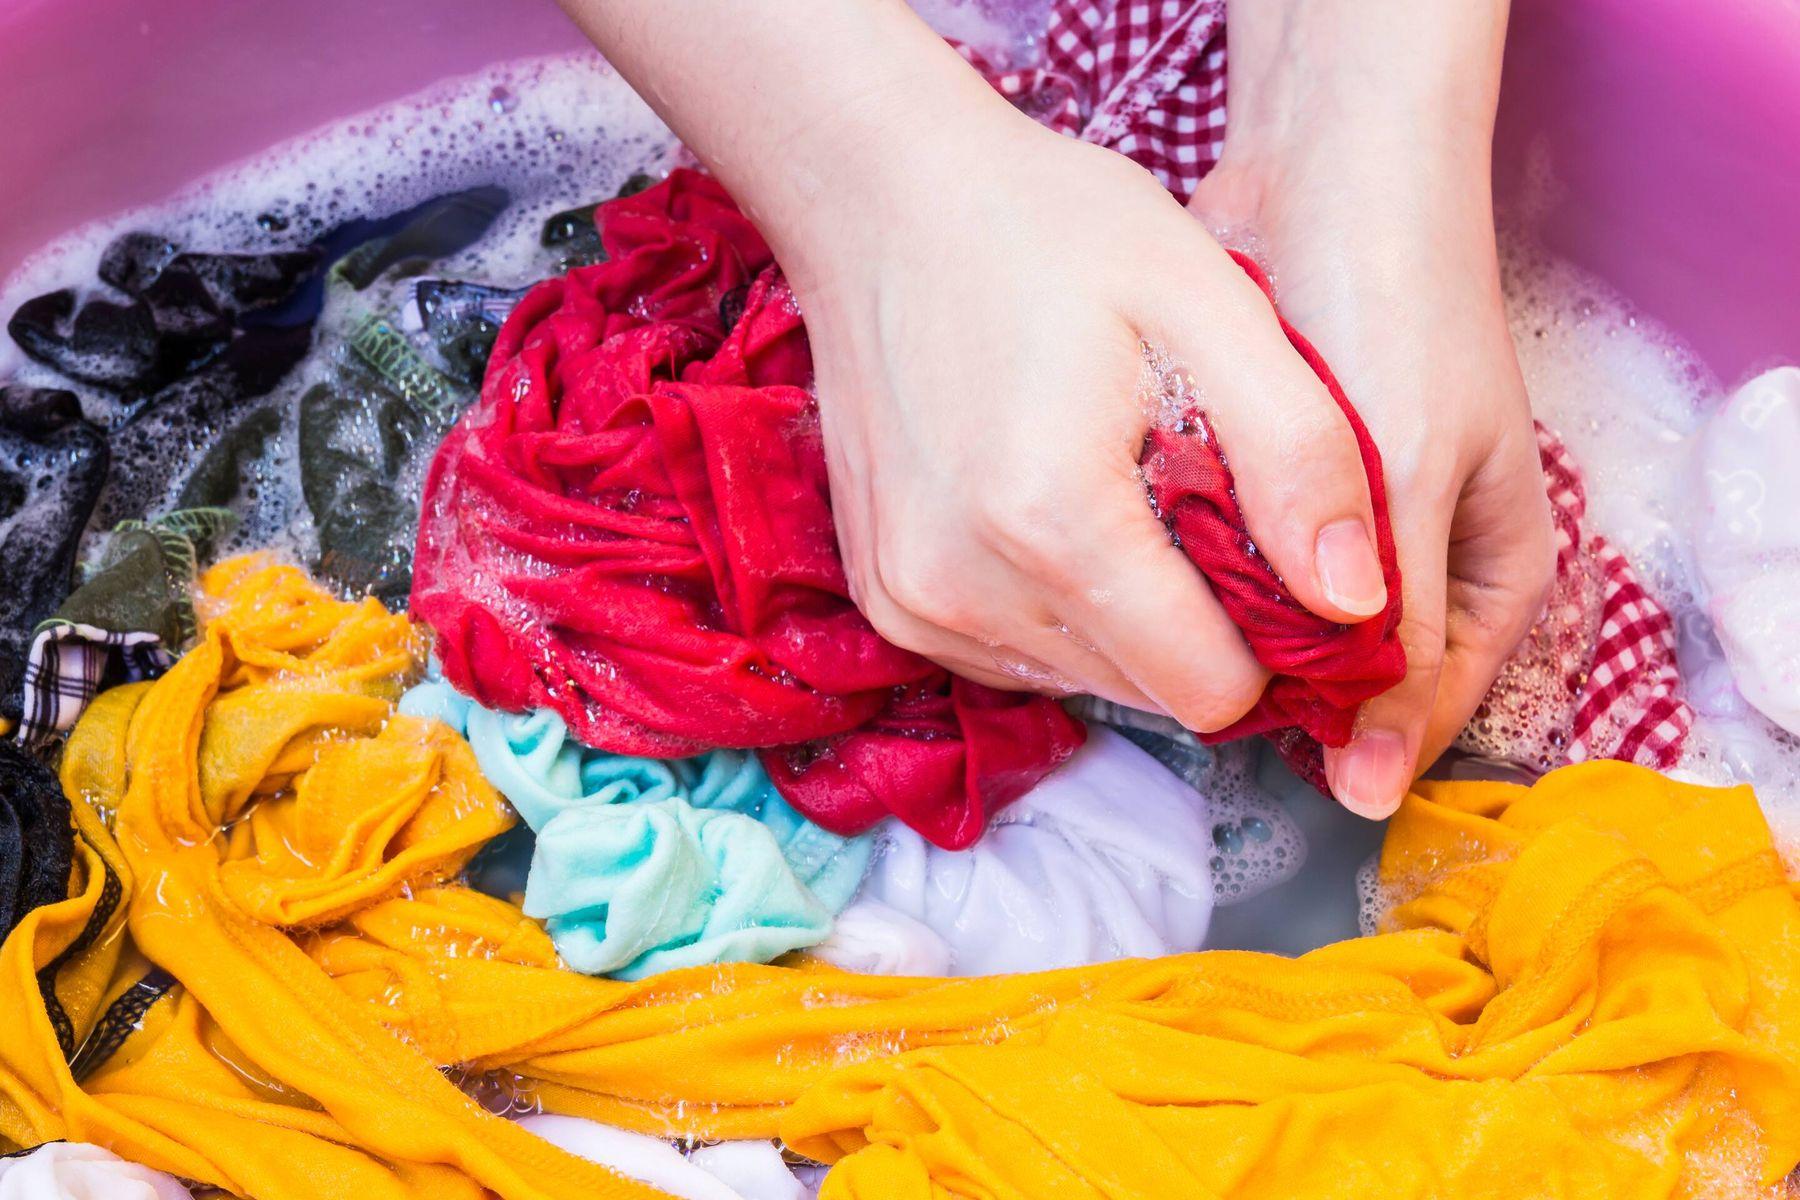 अपने गहरे रंग के कपड़ों से रंग छूटने से कैसे रोकें | क्लीएनीपीडिया